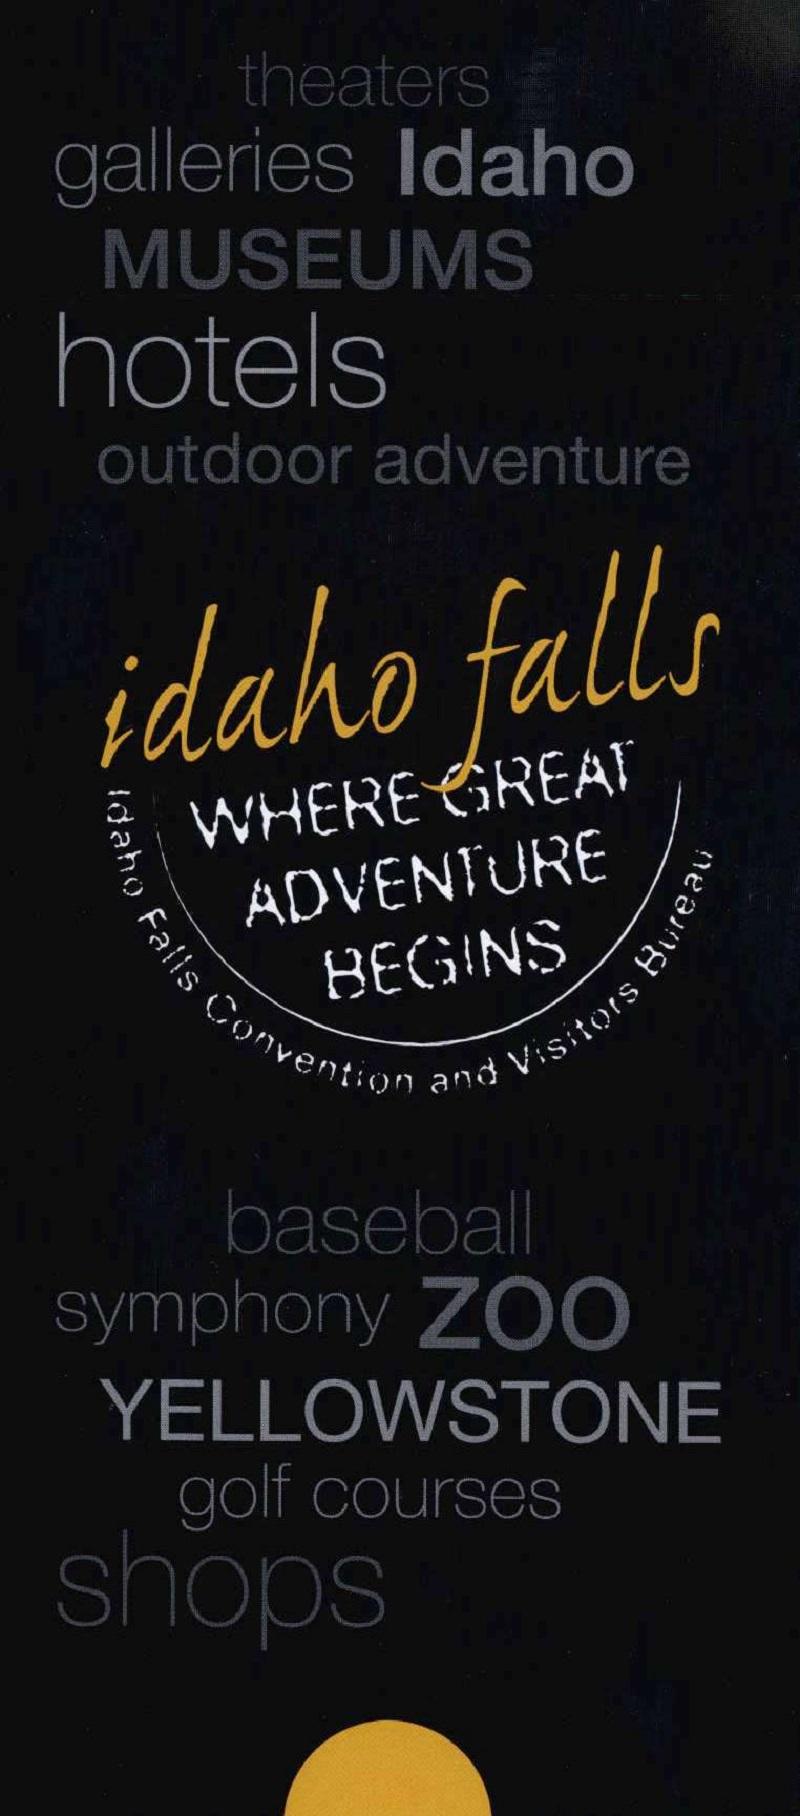 Visit Idaho Falls!